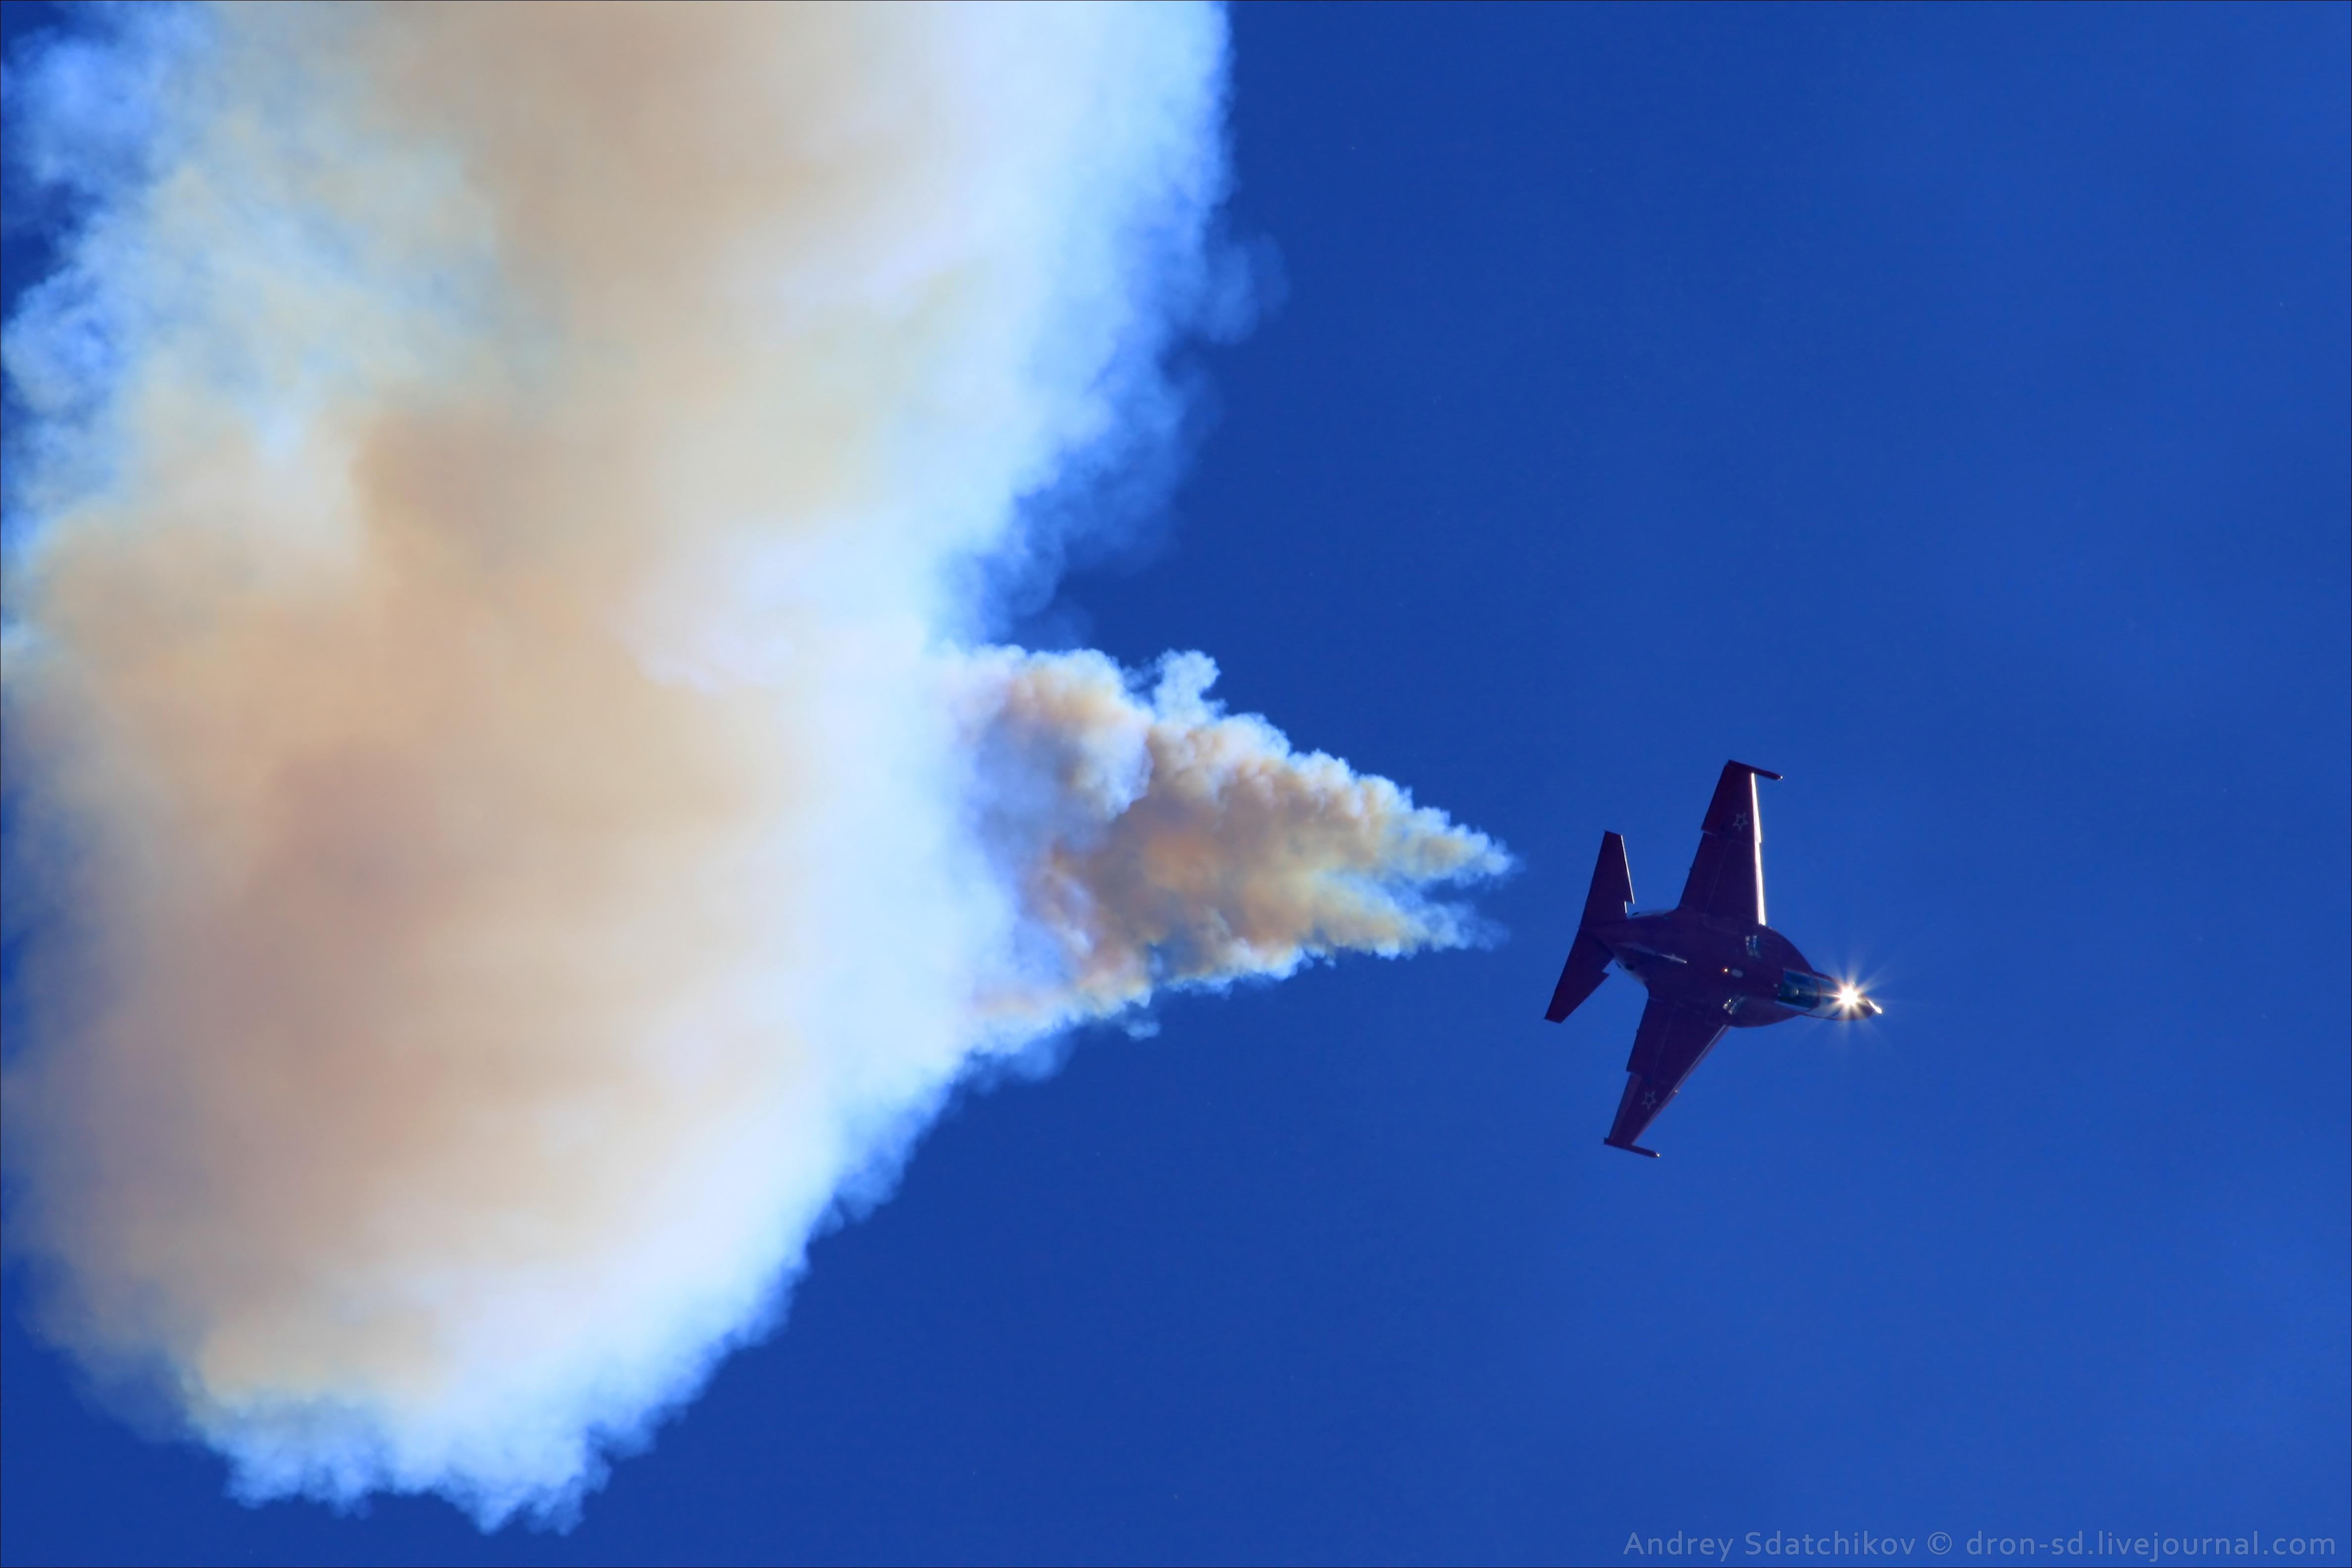 MAKS-2015 Air Show: Photos and Discussion - Page 3 0_122686_e6ffe5da_orig